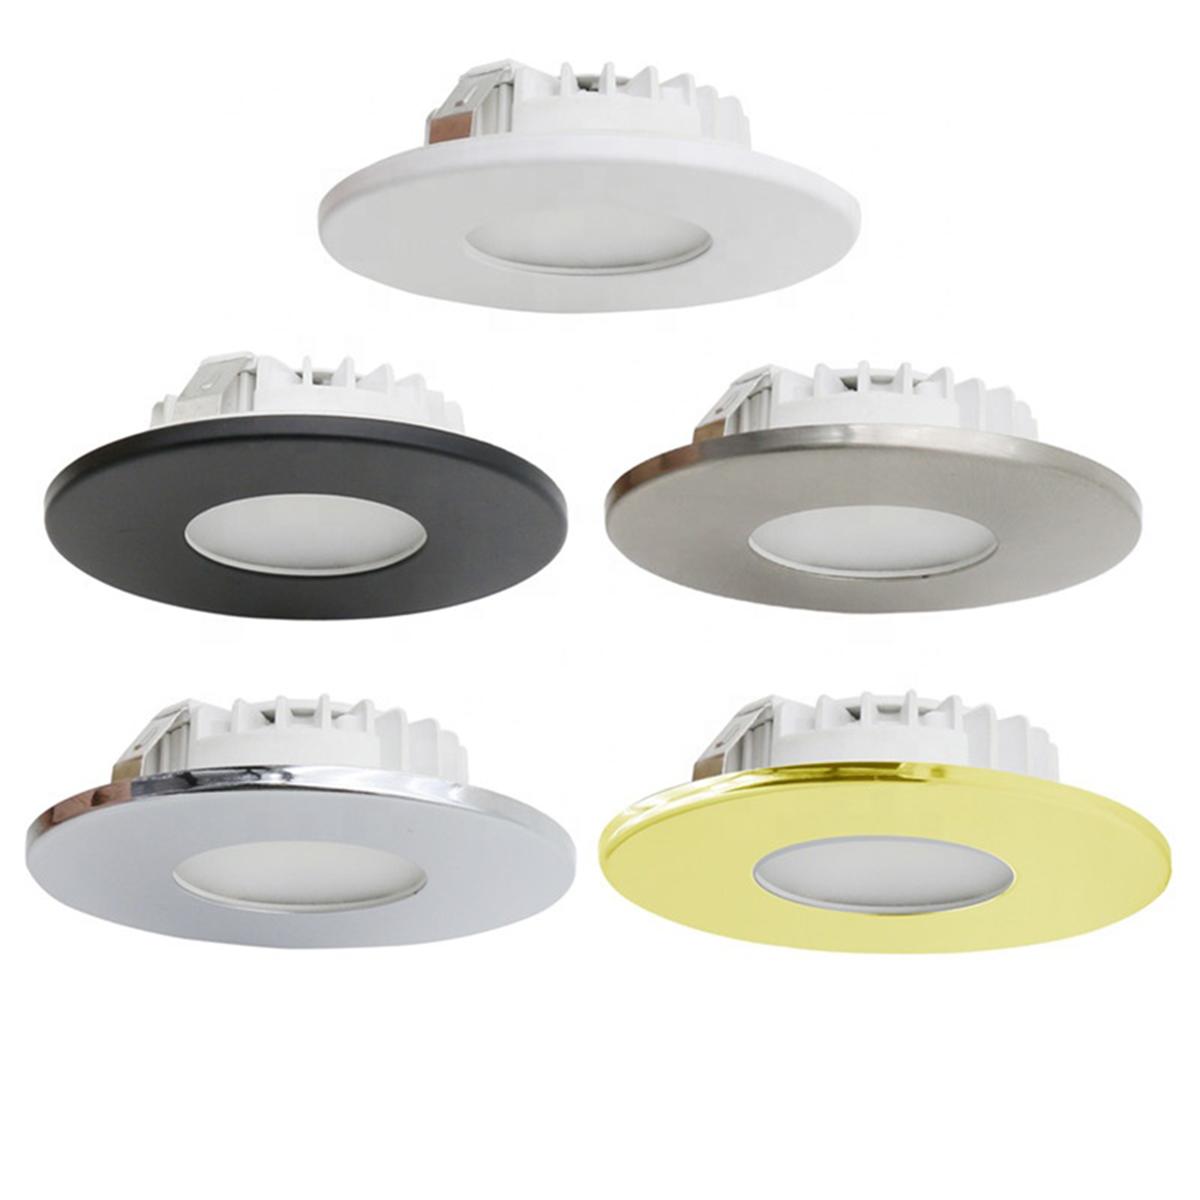 SH 358 CCT LED PUCK LT Colors